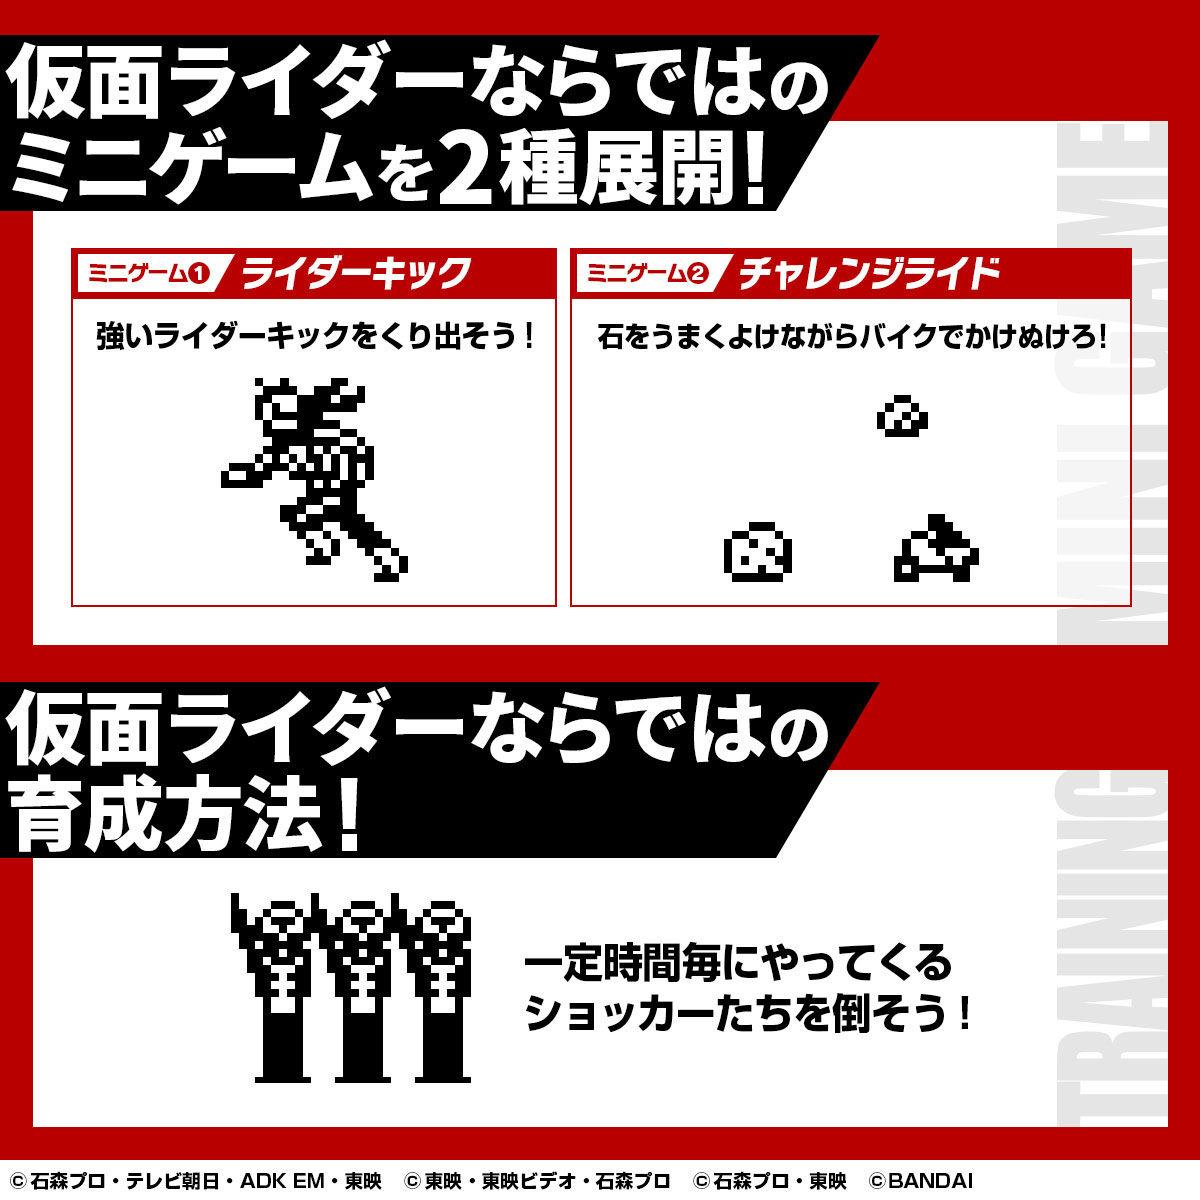 【限定販売】仮面ライダーシリーズ『仮面ライダーっち 50thアニバーサリーVer.』たまごっちnano-005